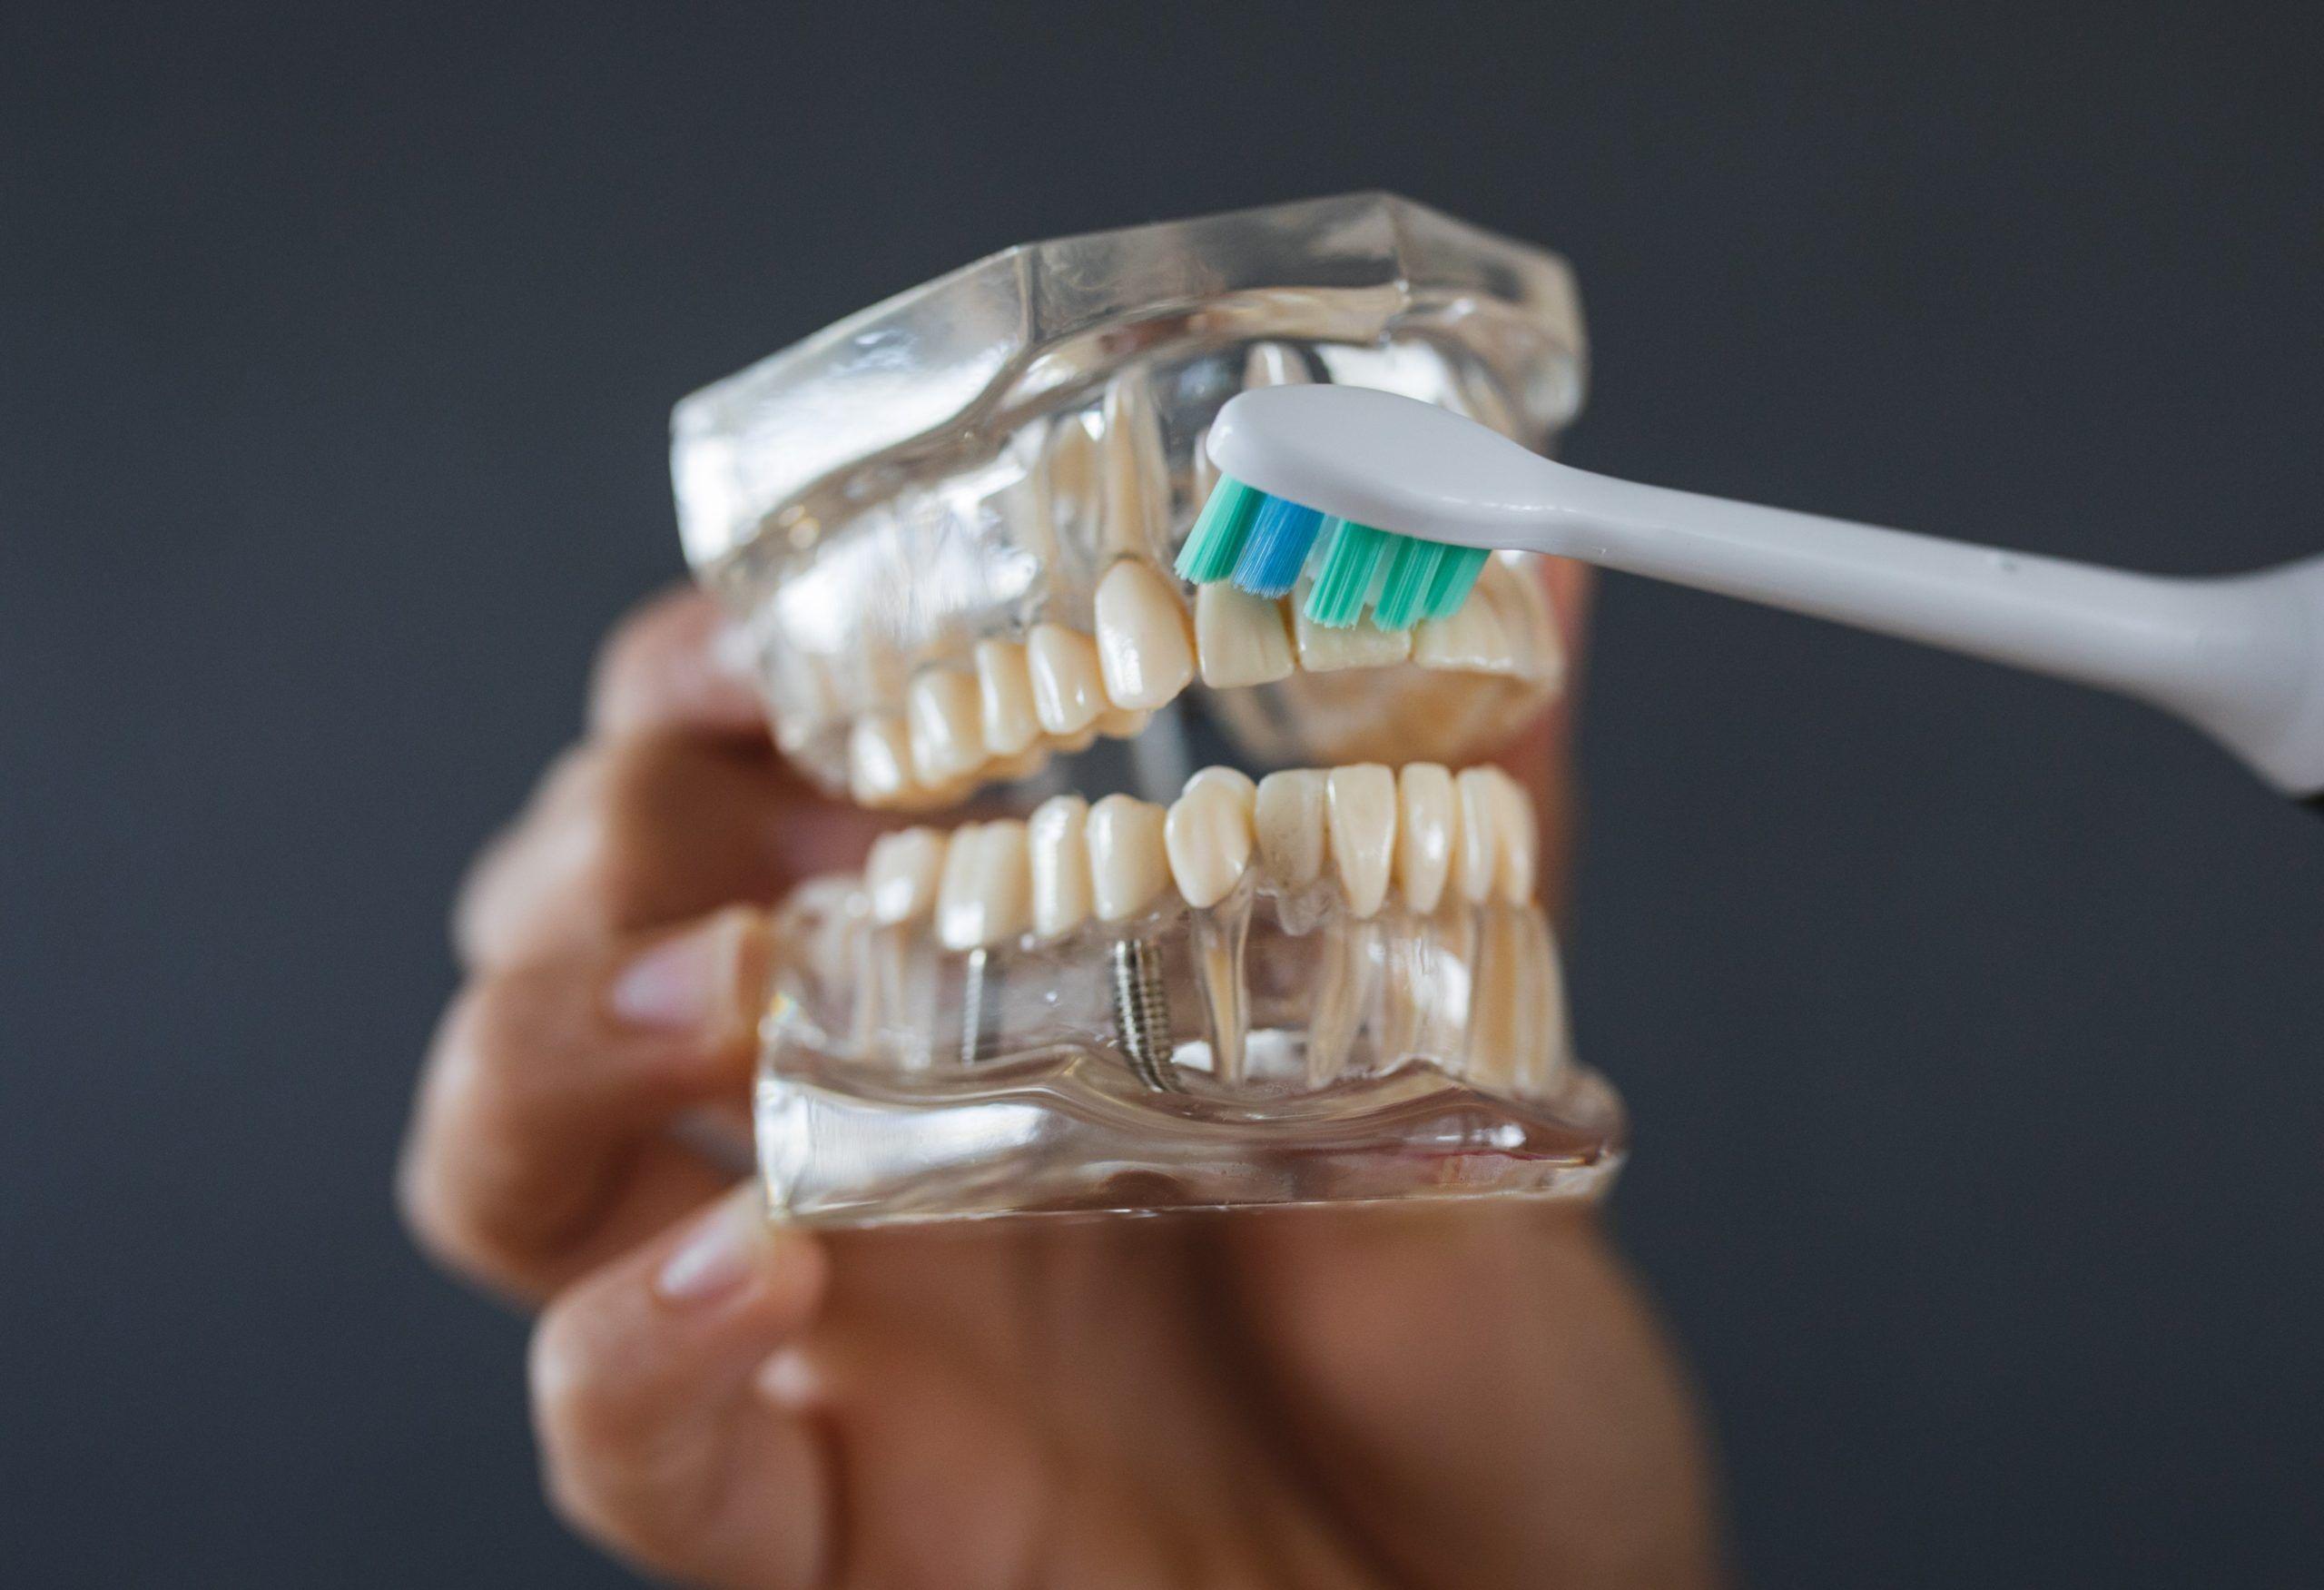 Eltandborste borsta tänderna